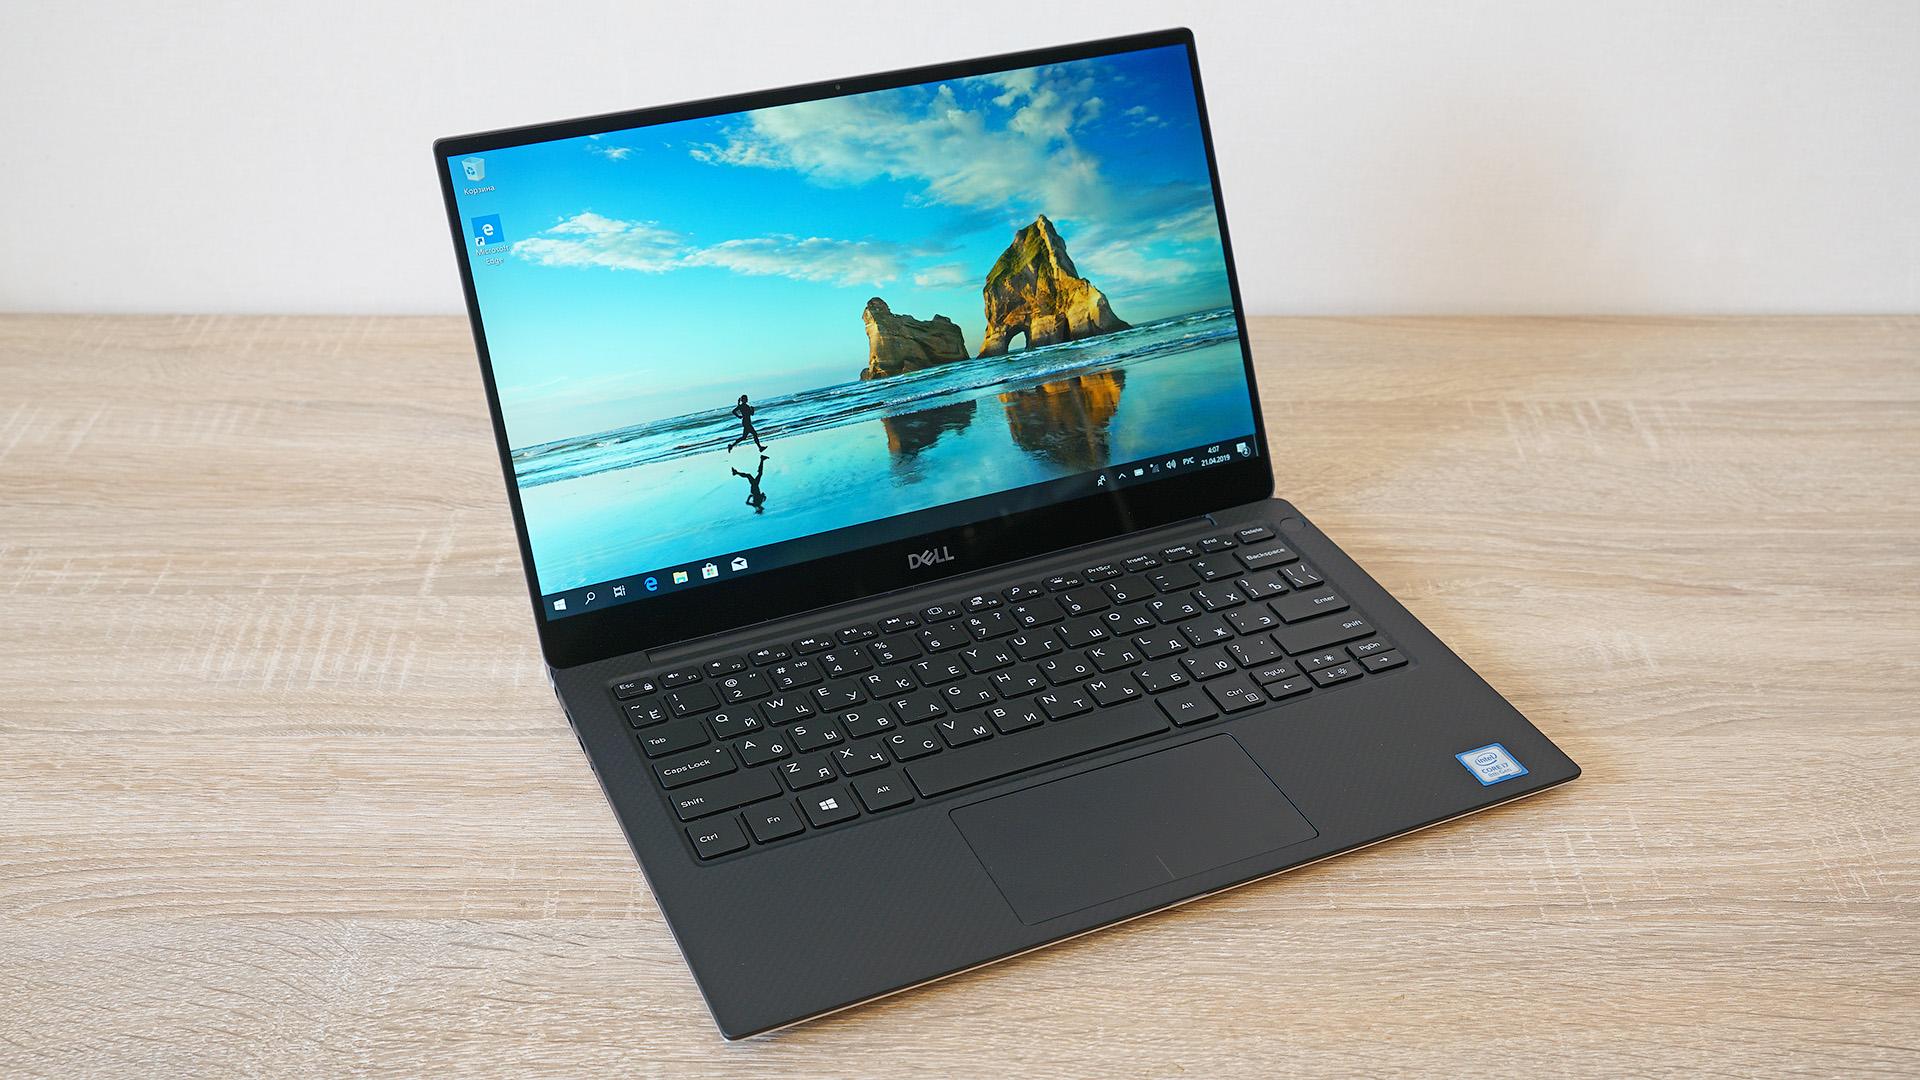 Как подготовить ноутбук к возврату - ноутбук делл